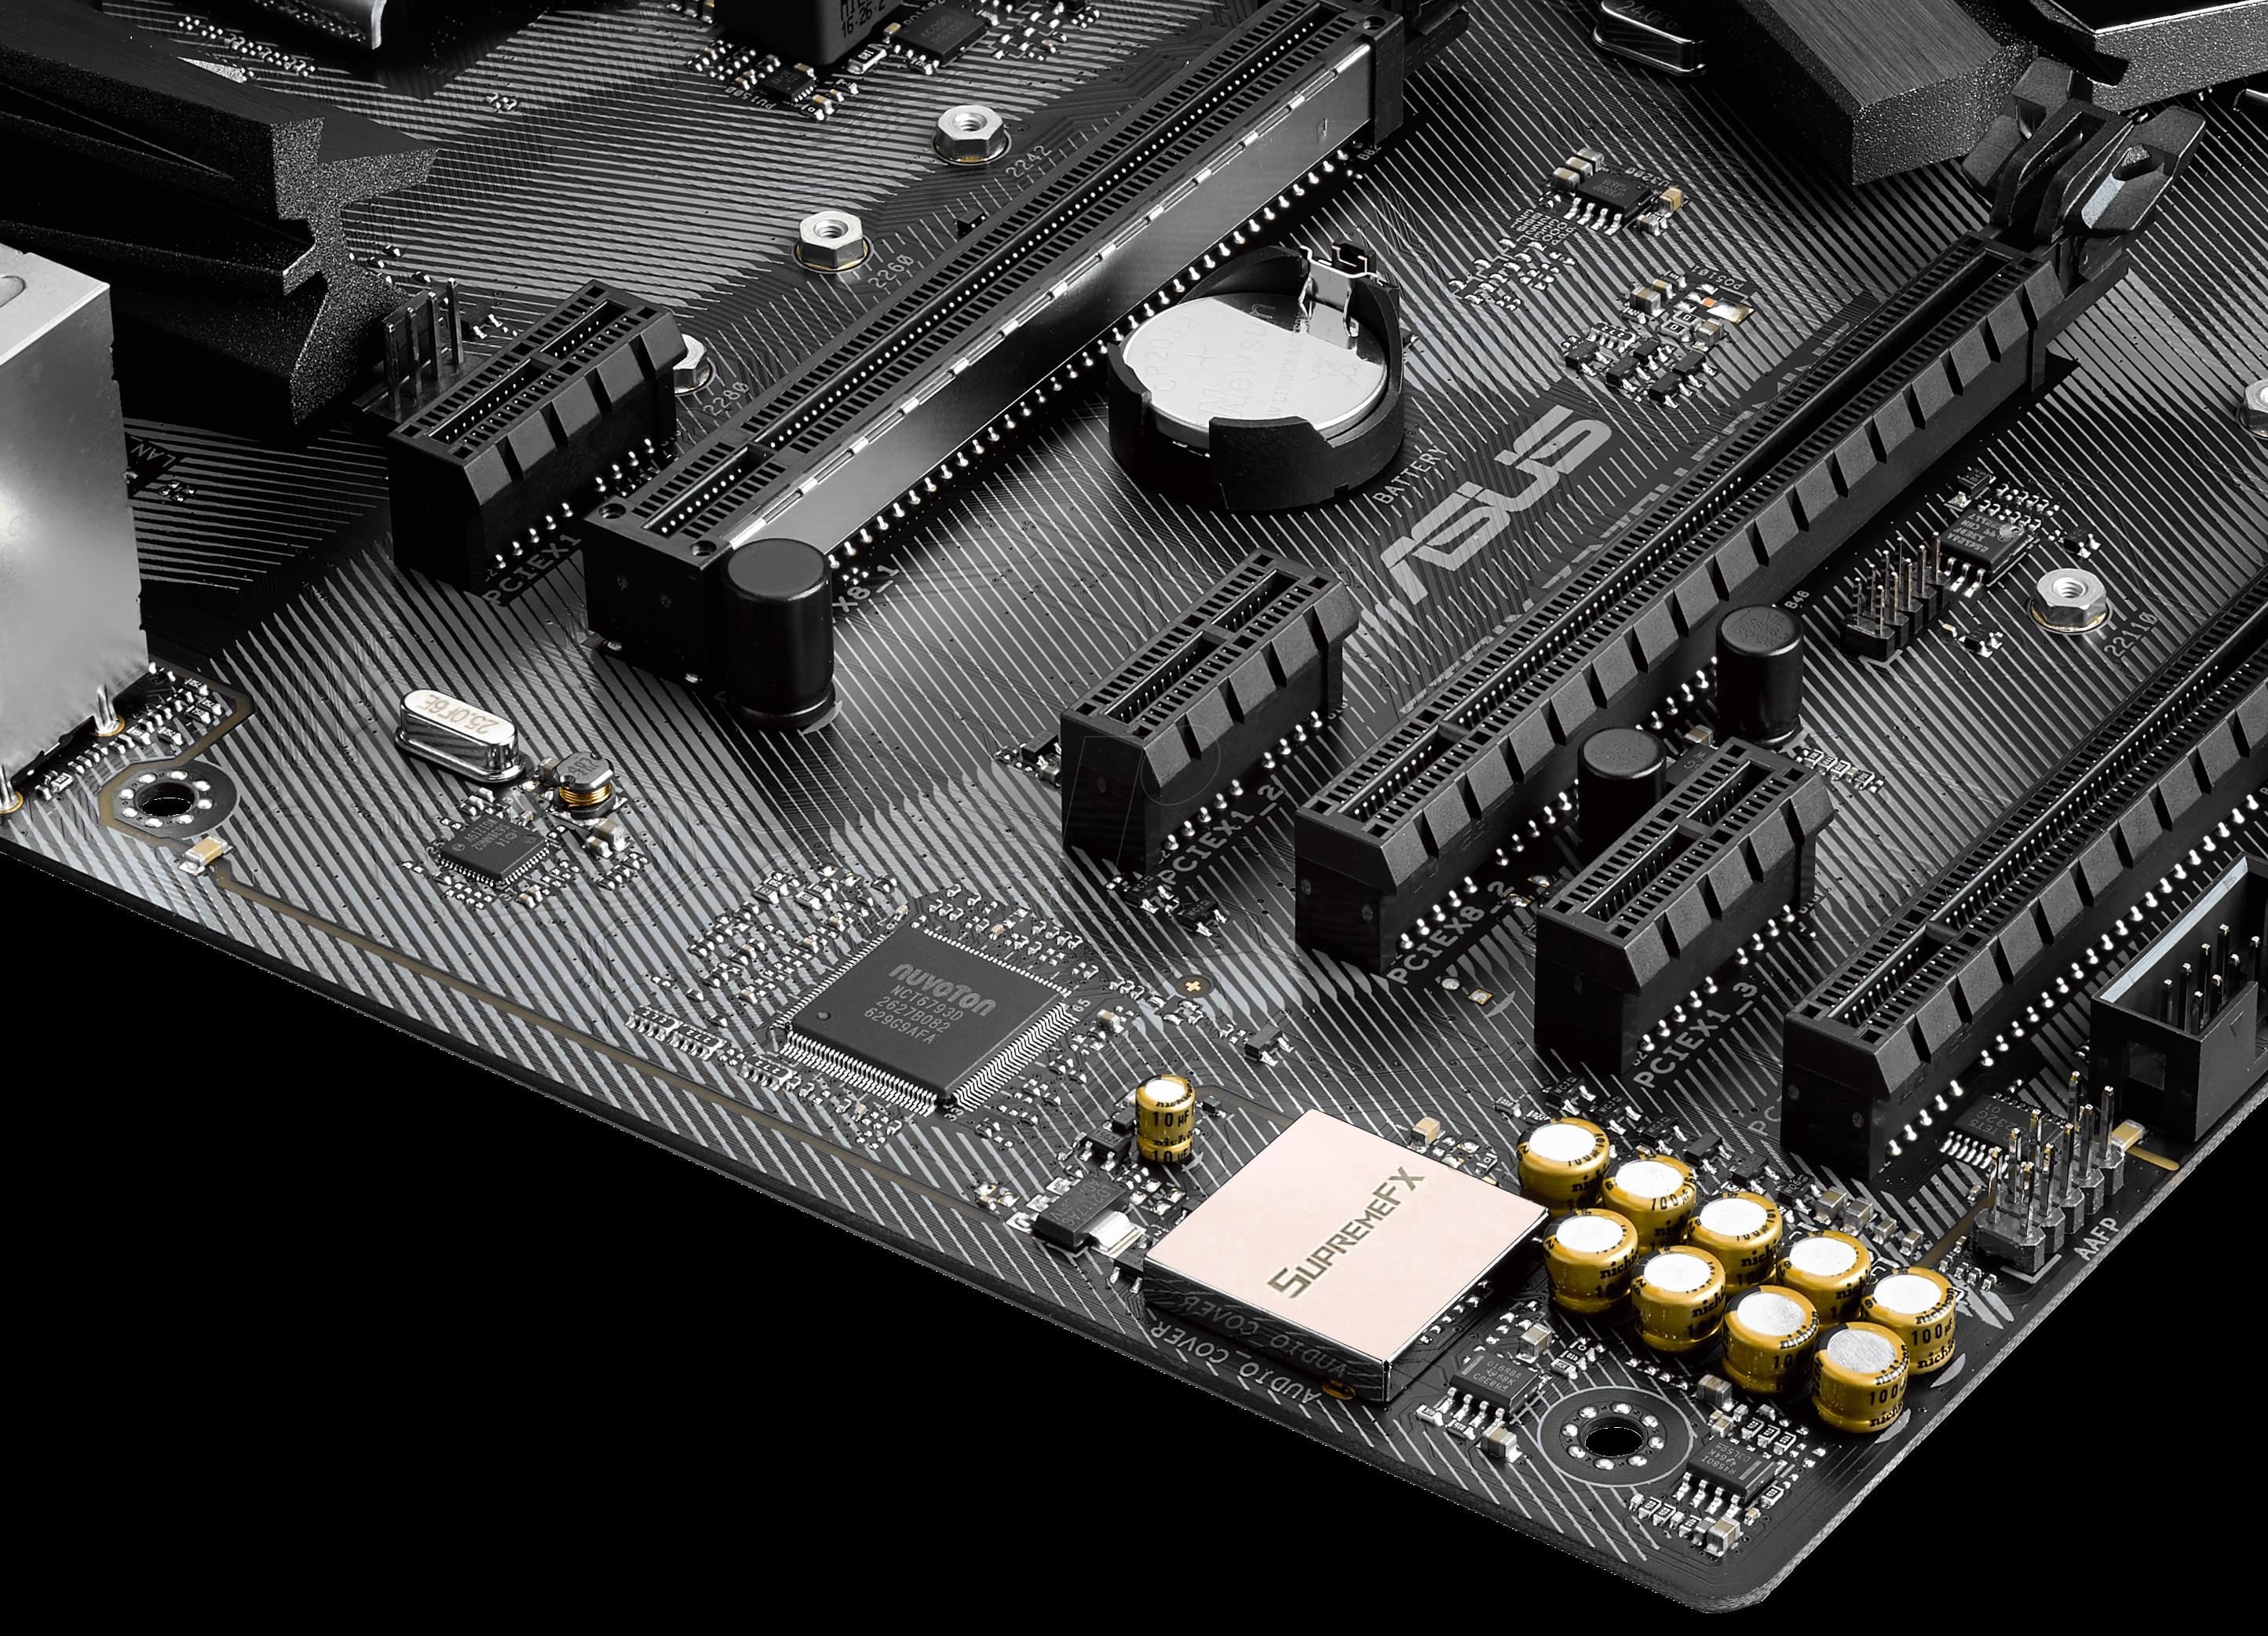 ASUSMB 90MB0SS0: ASUS ROG Strix Z270H Gaming (1151) at reichelt elektronik